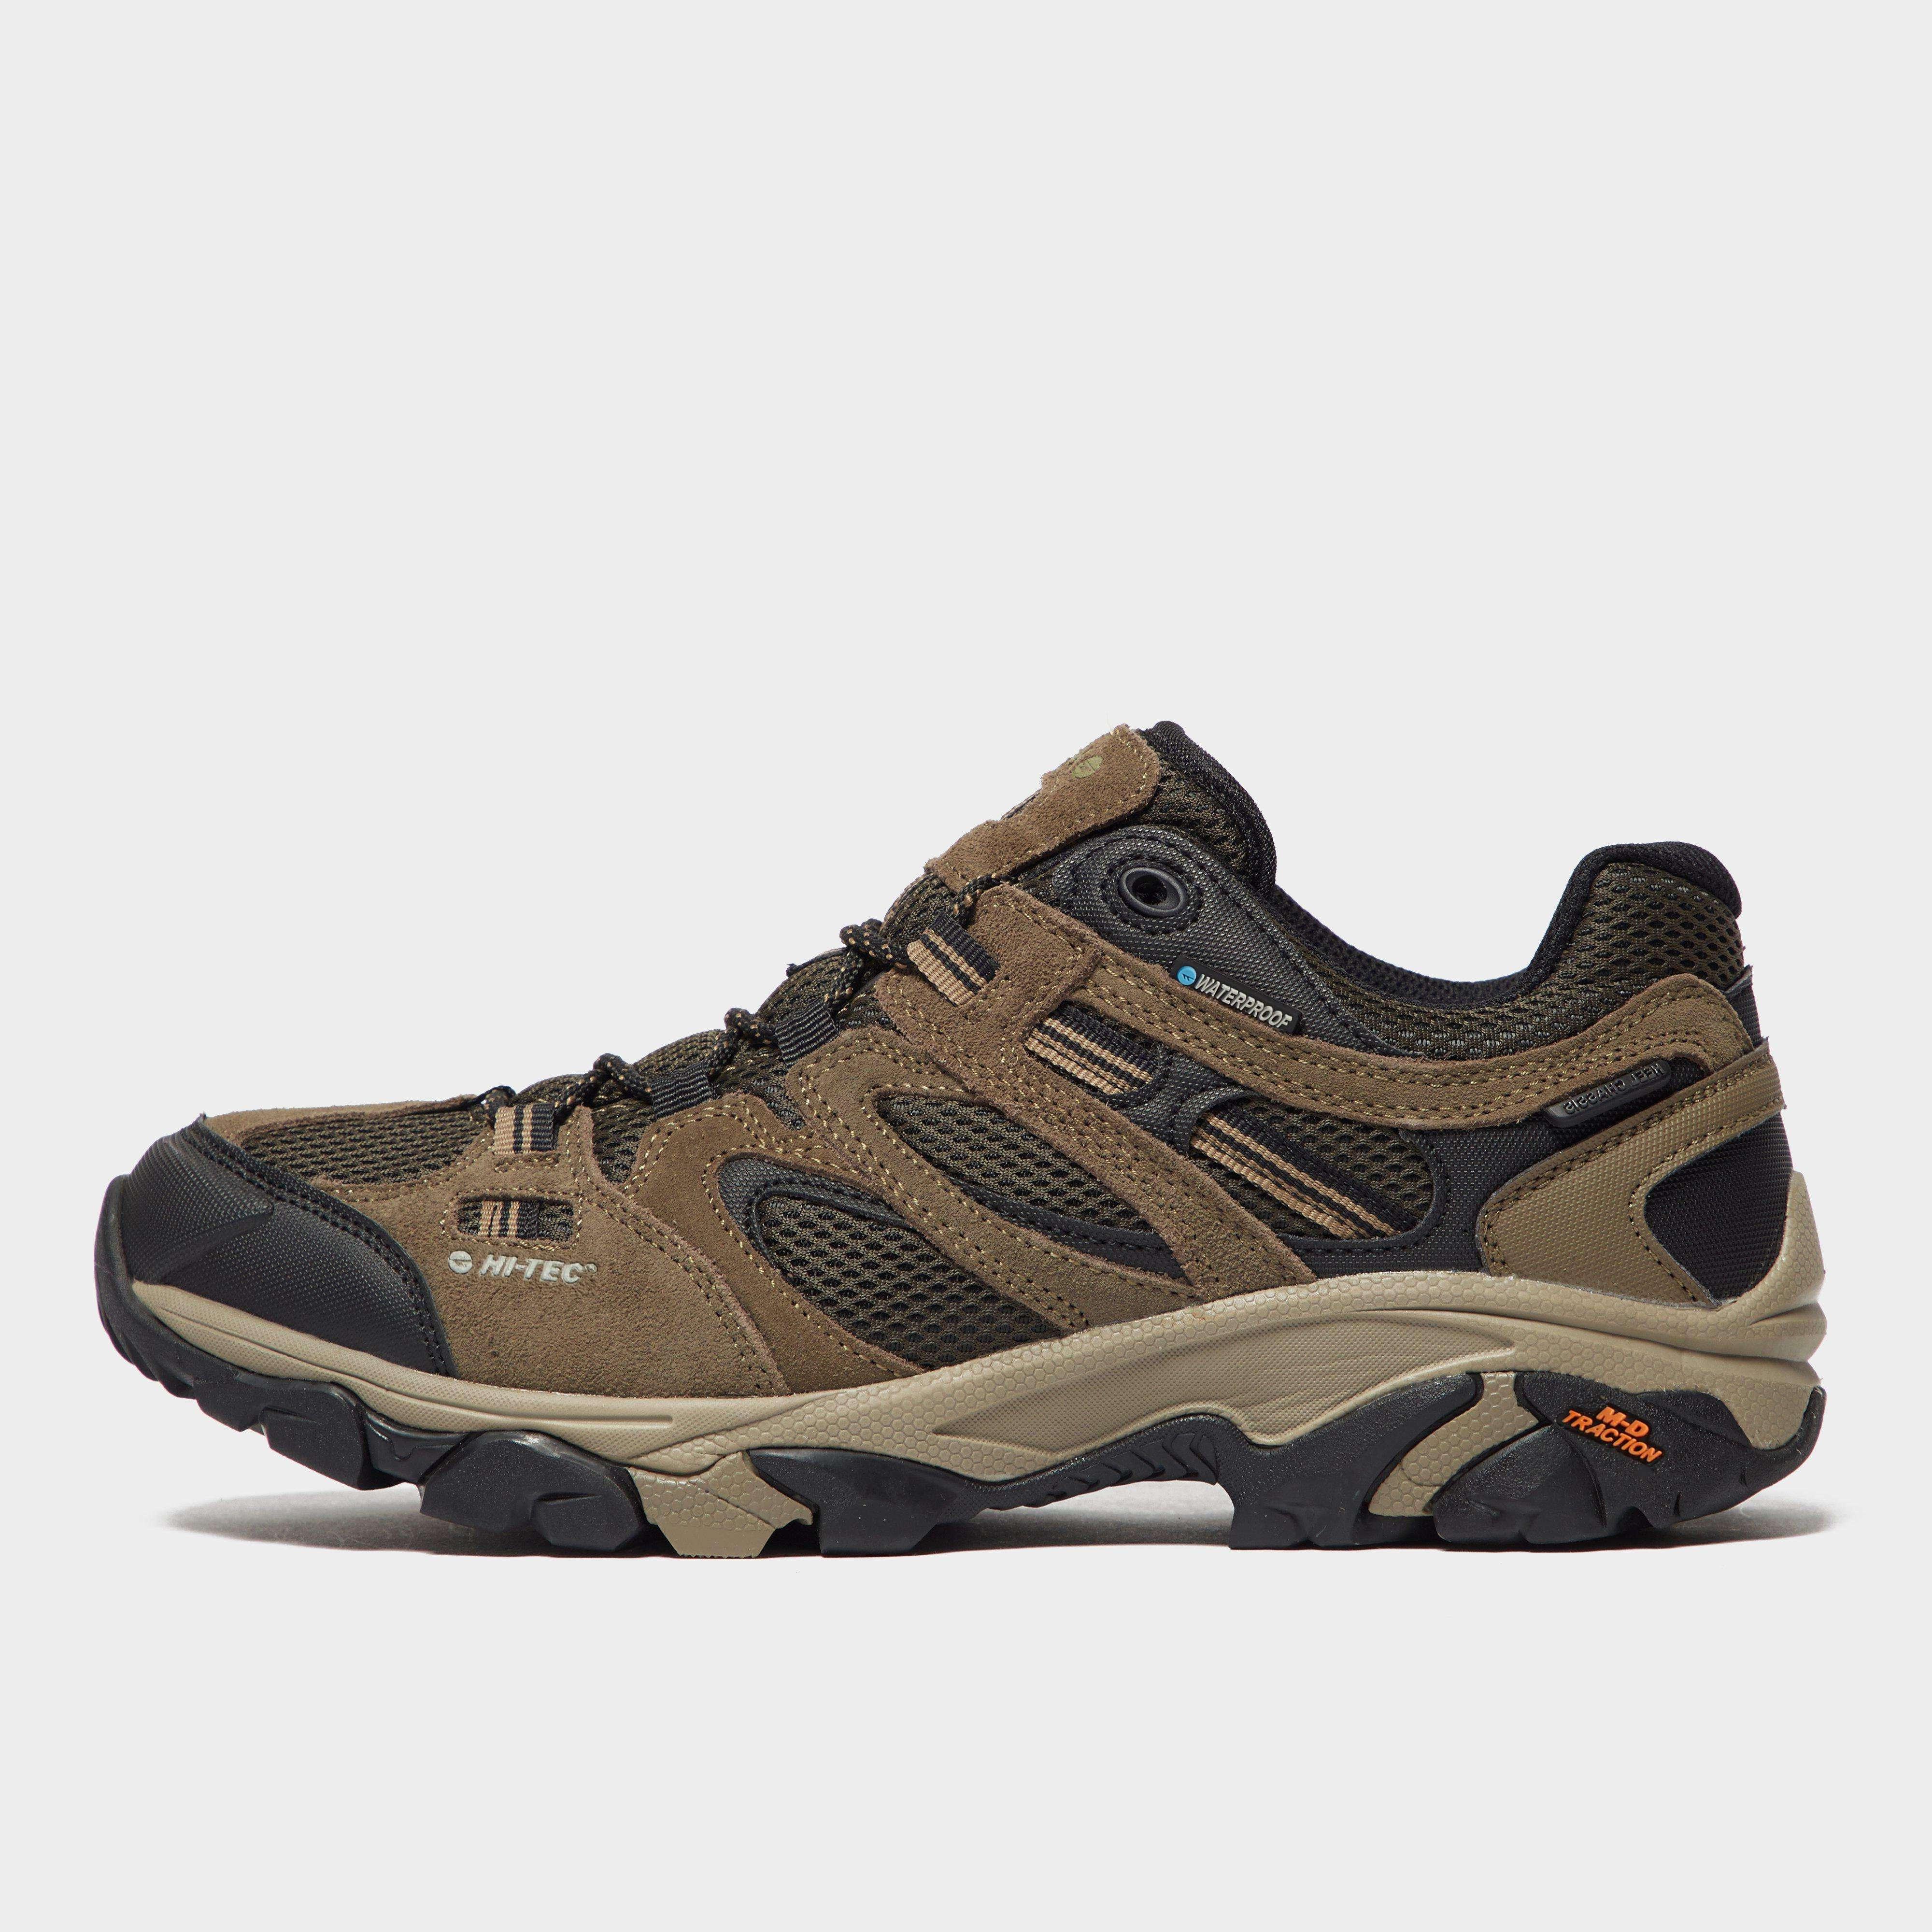 HI TEC Men's Ravus Vent Waterproof Low Shoe